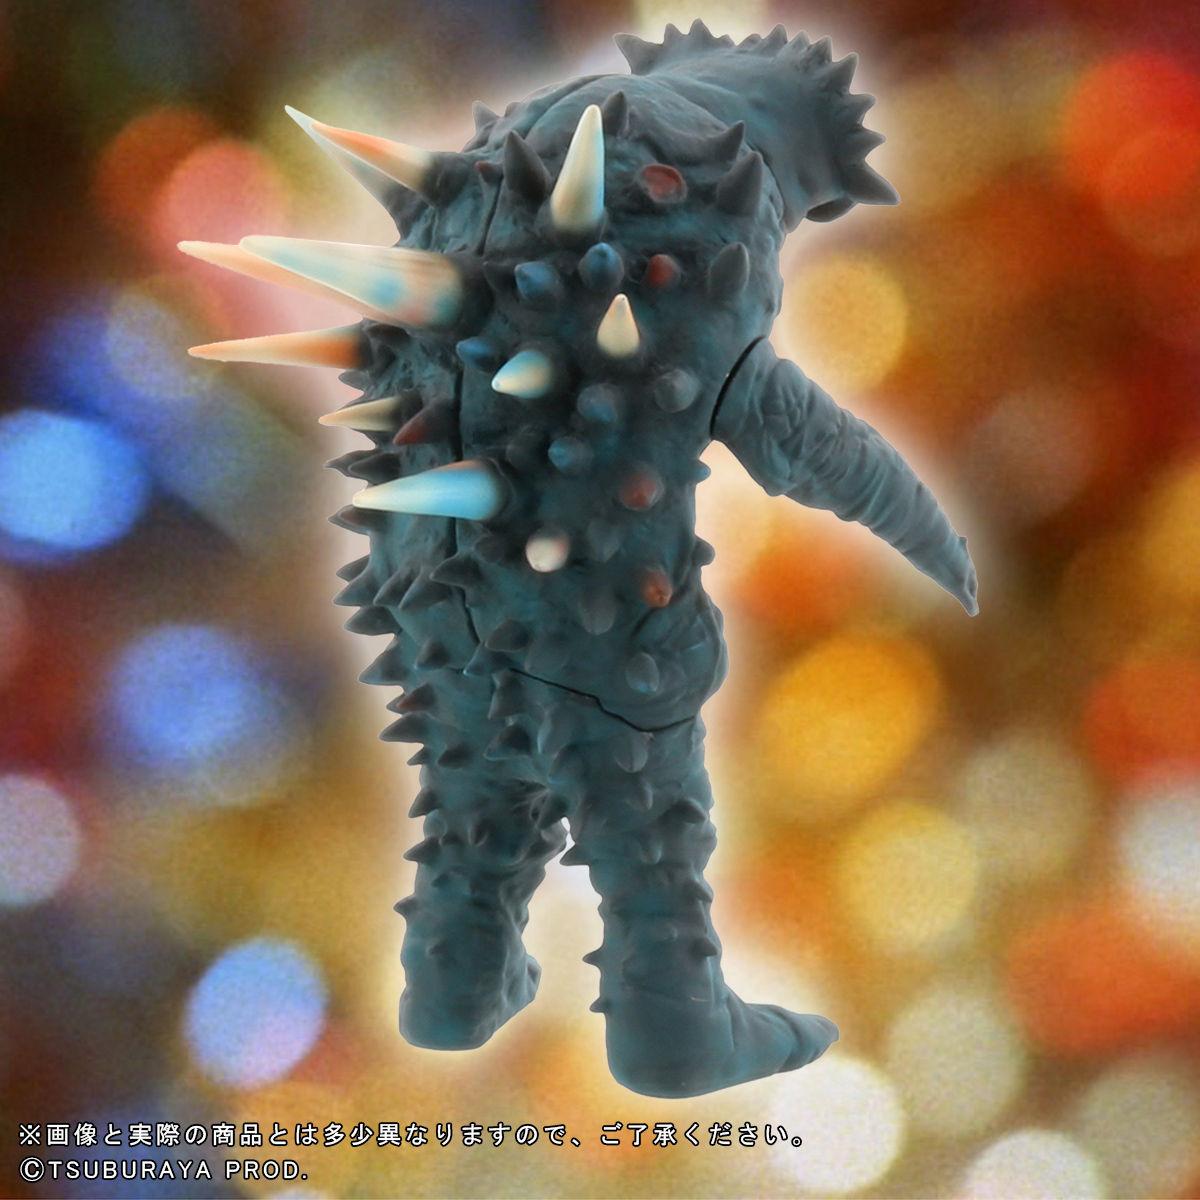 【限定販売】ウルトラ大怪獣シリーズ5000『ビーコン/ギラドラス』完成品フィギュア-004